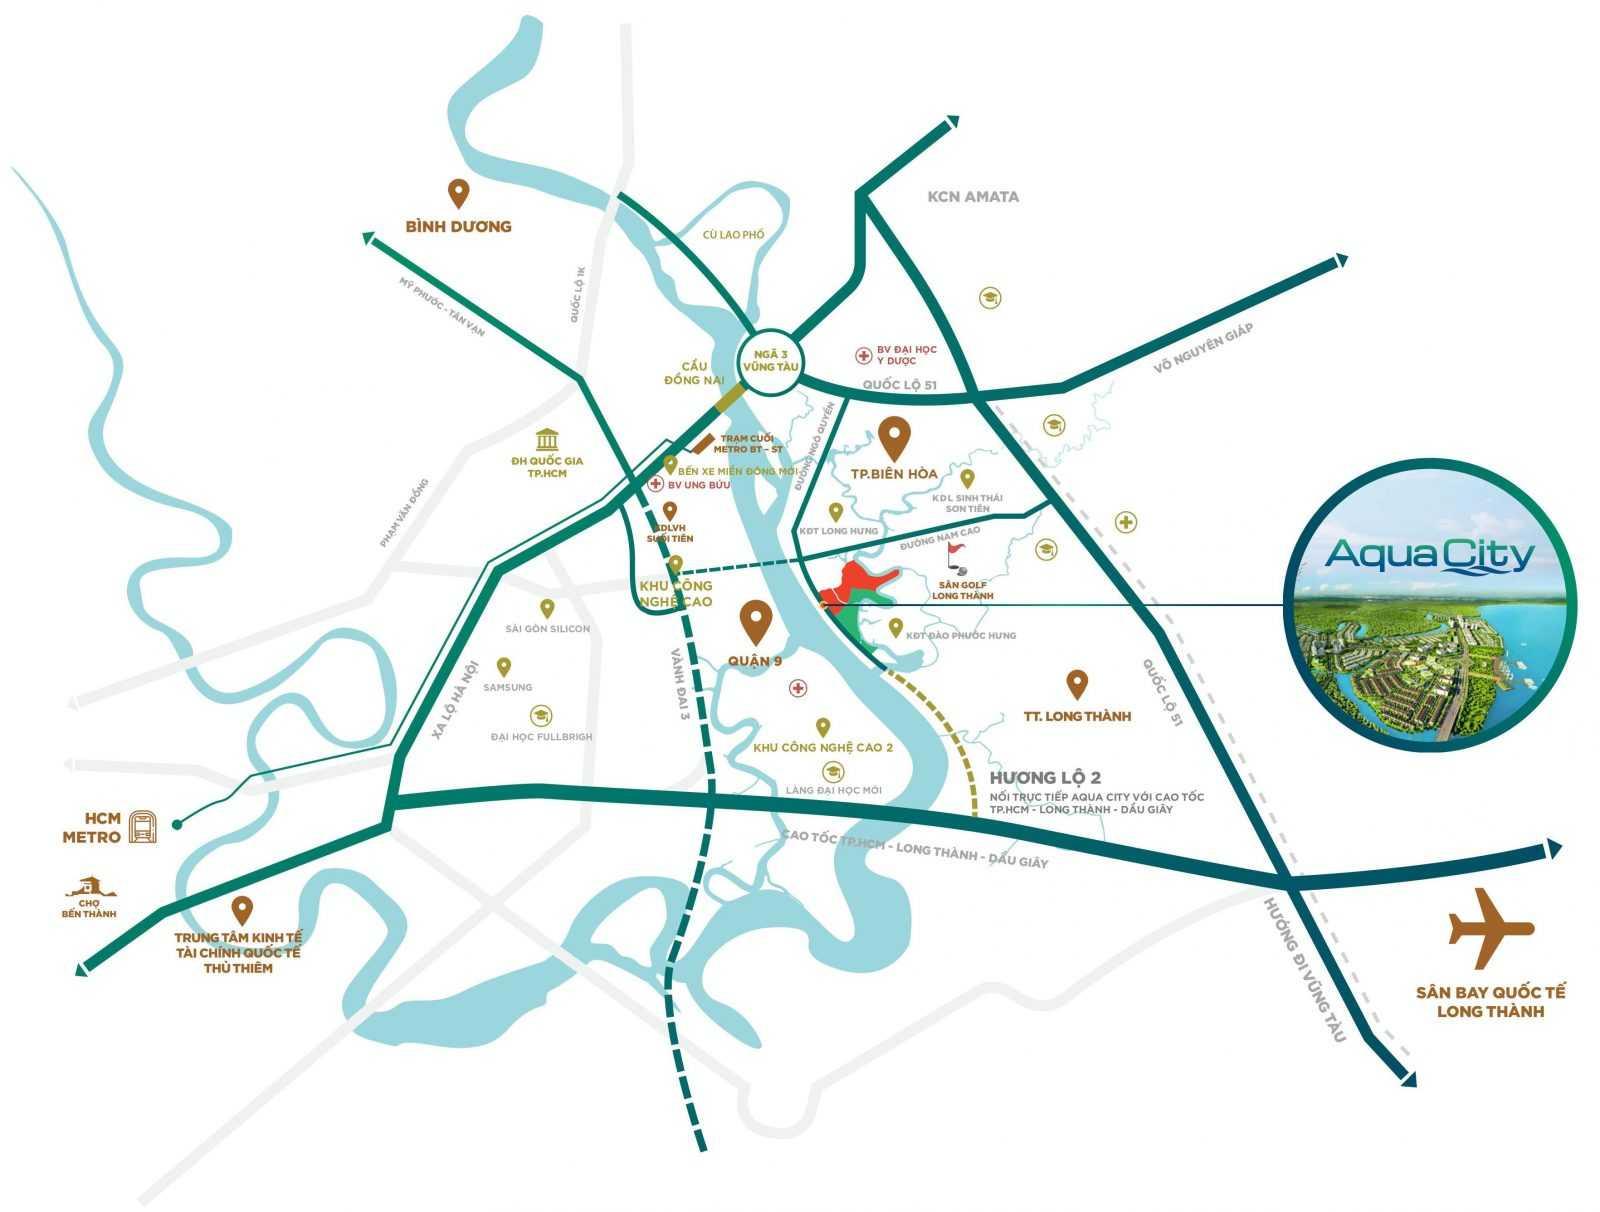 aqua city vi tri result